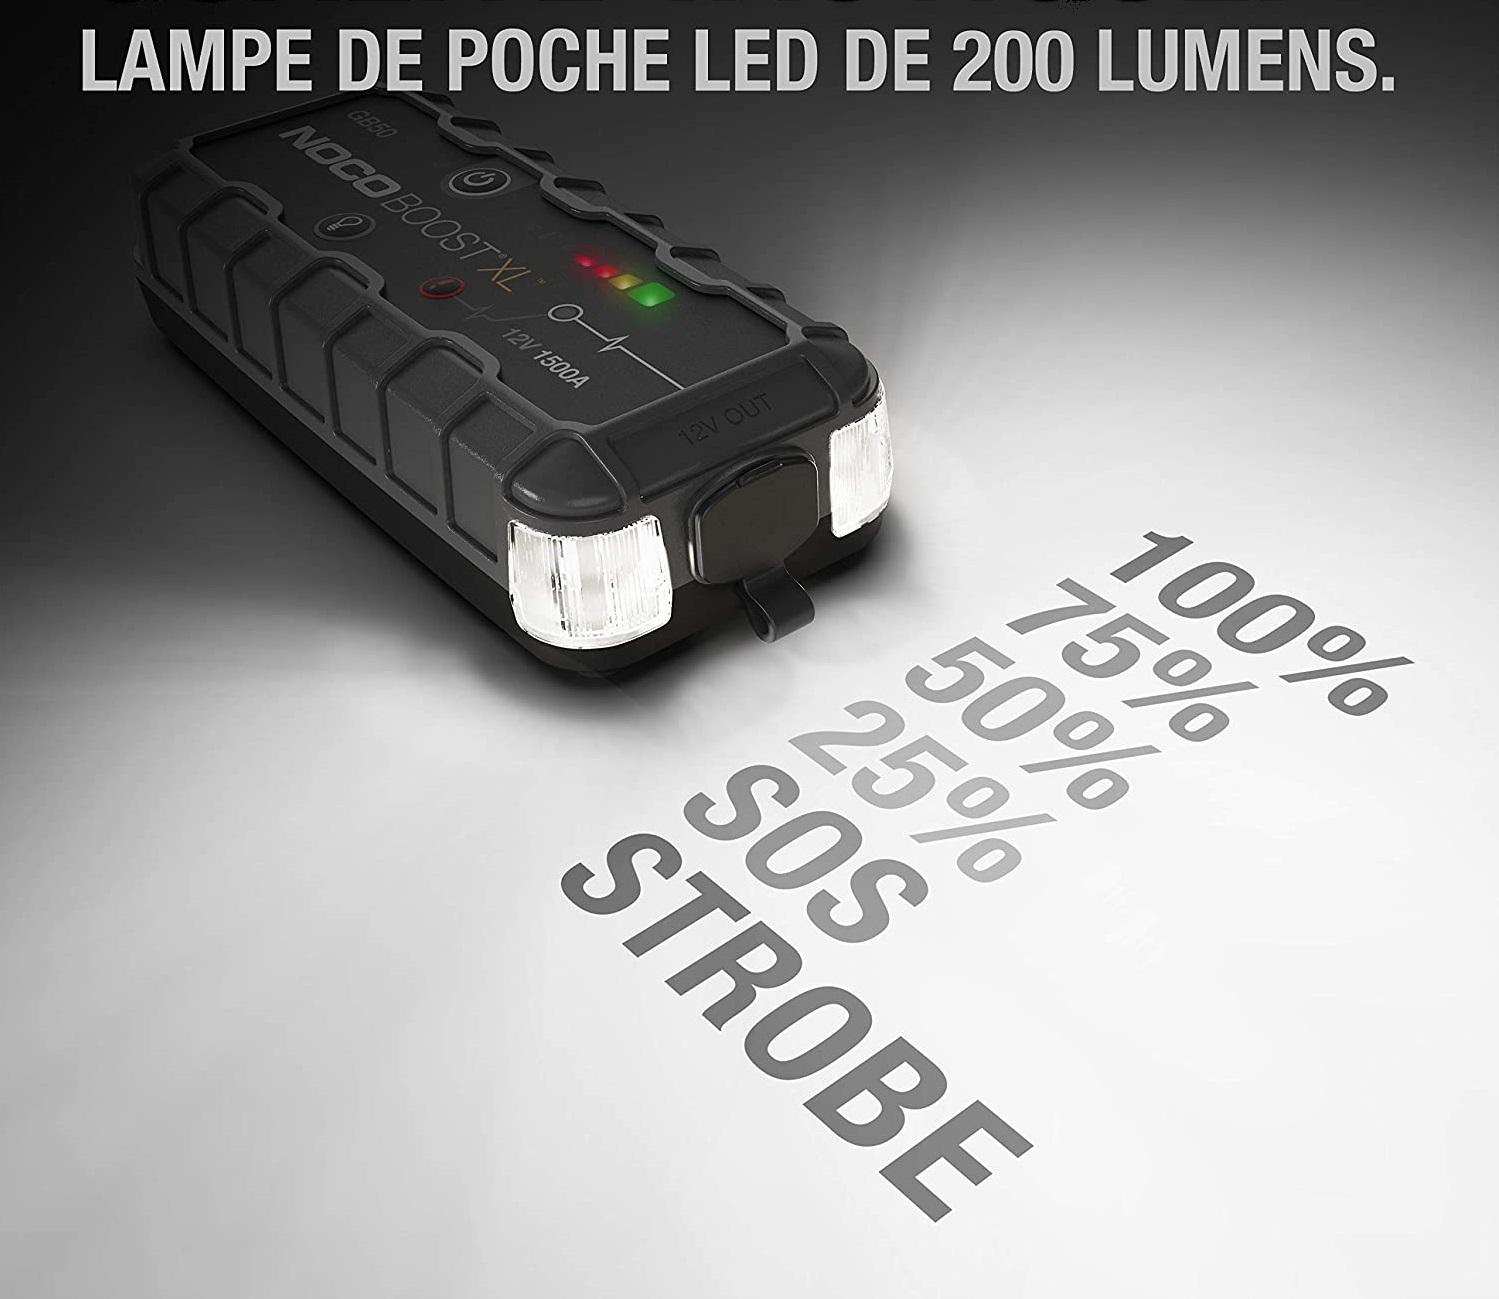 Profitez d'une puissante lampe LED de 200 lumens et 7 modes d'éclairage avec le Noco GB50